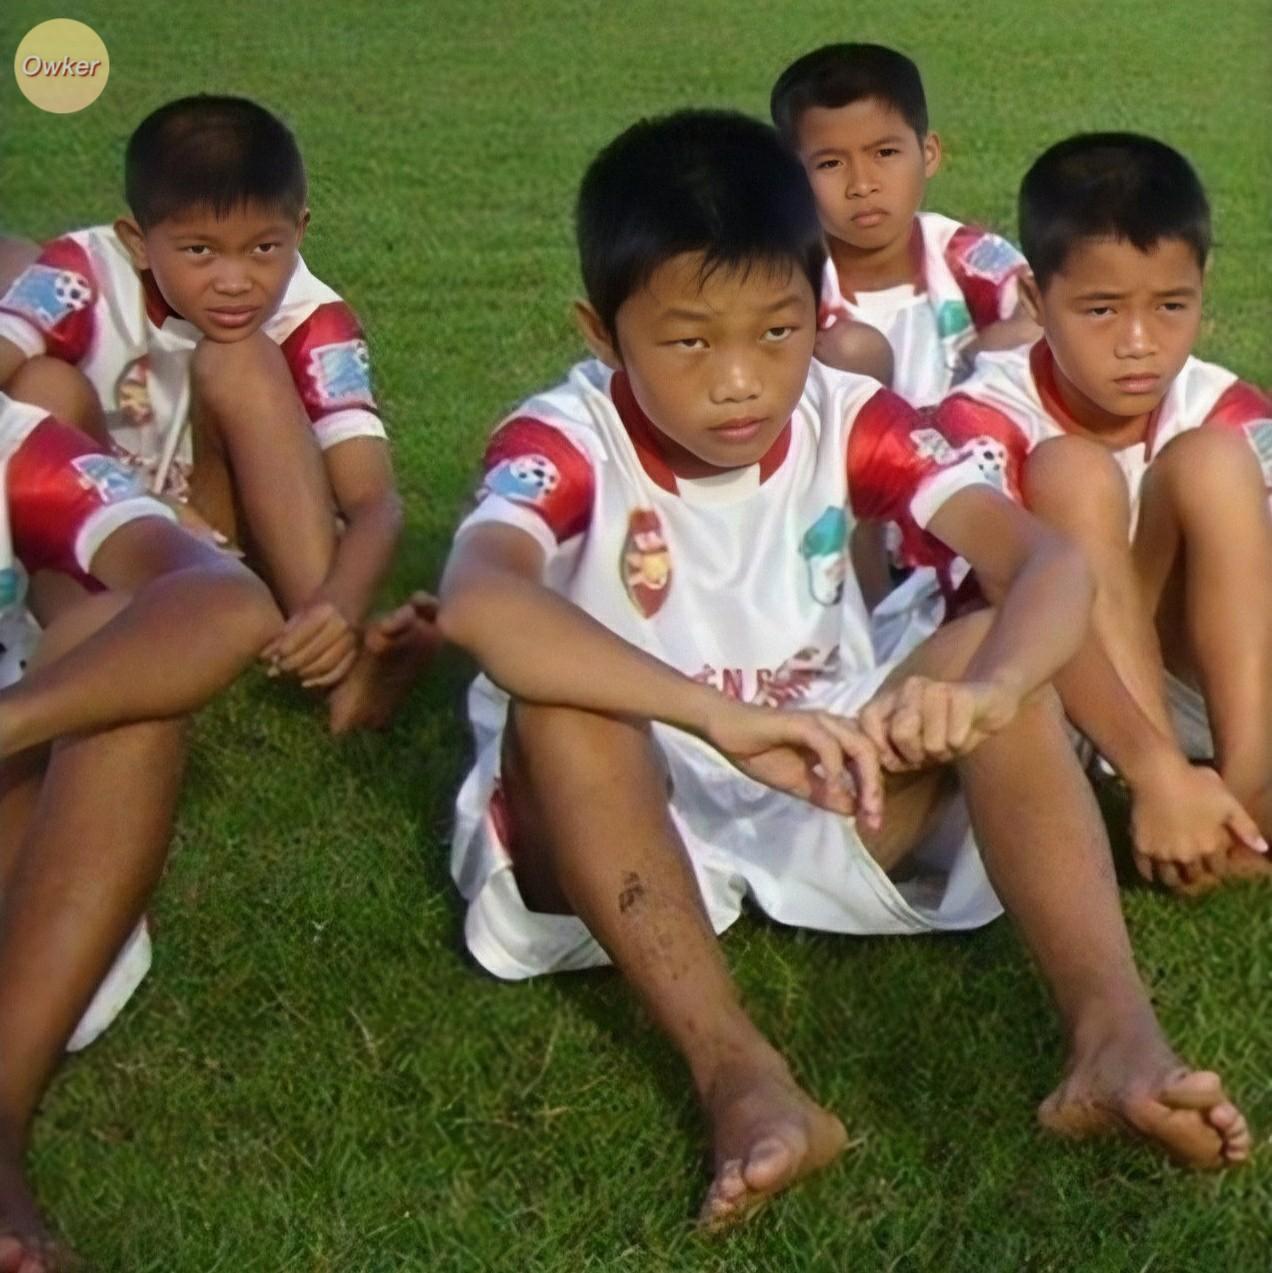 Cười đổ ghế với loạt ảnh thơ ấu mới hé lộ của dàn cầu thủ Việt: Đức Huy chất từ bé, bất ngờ nhất là Lâm Tây-10